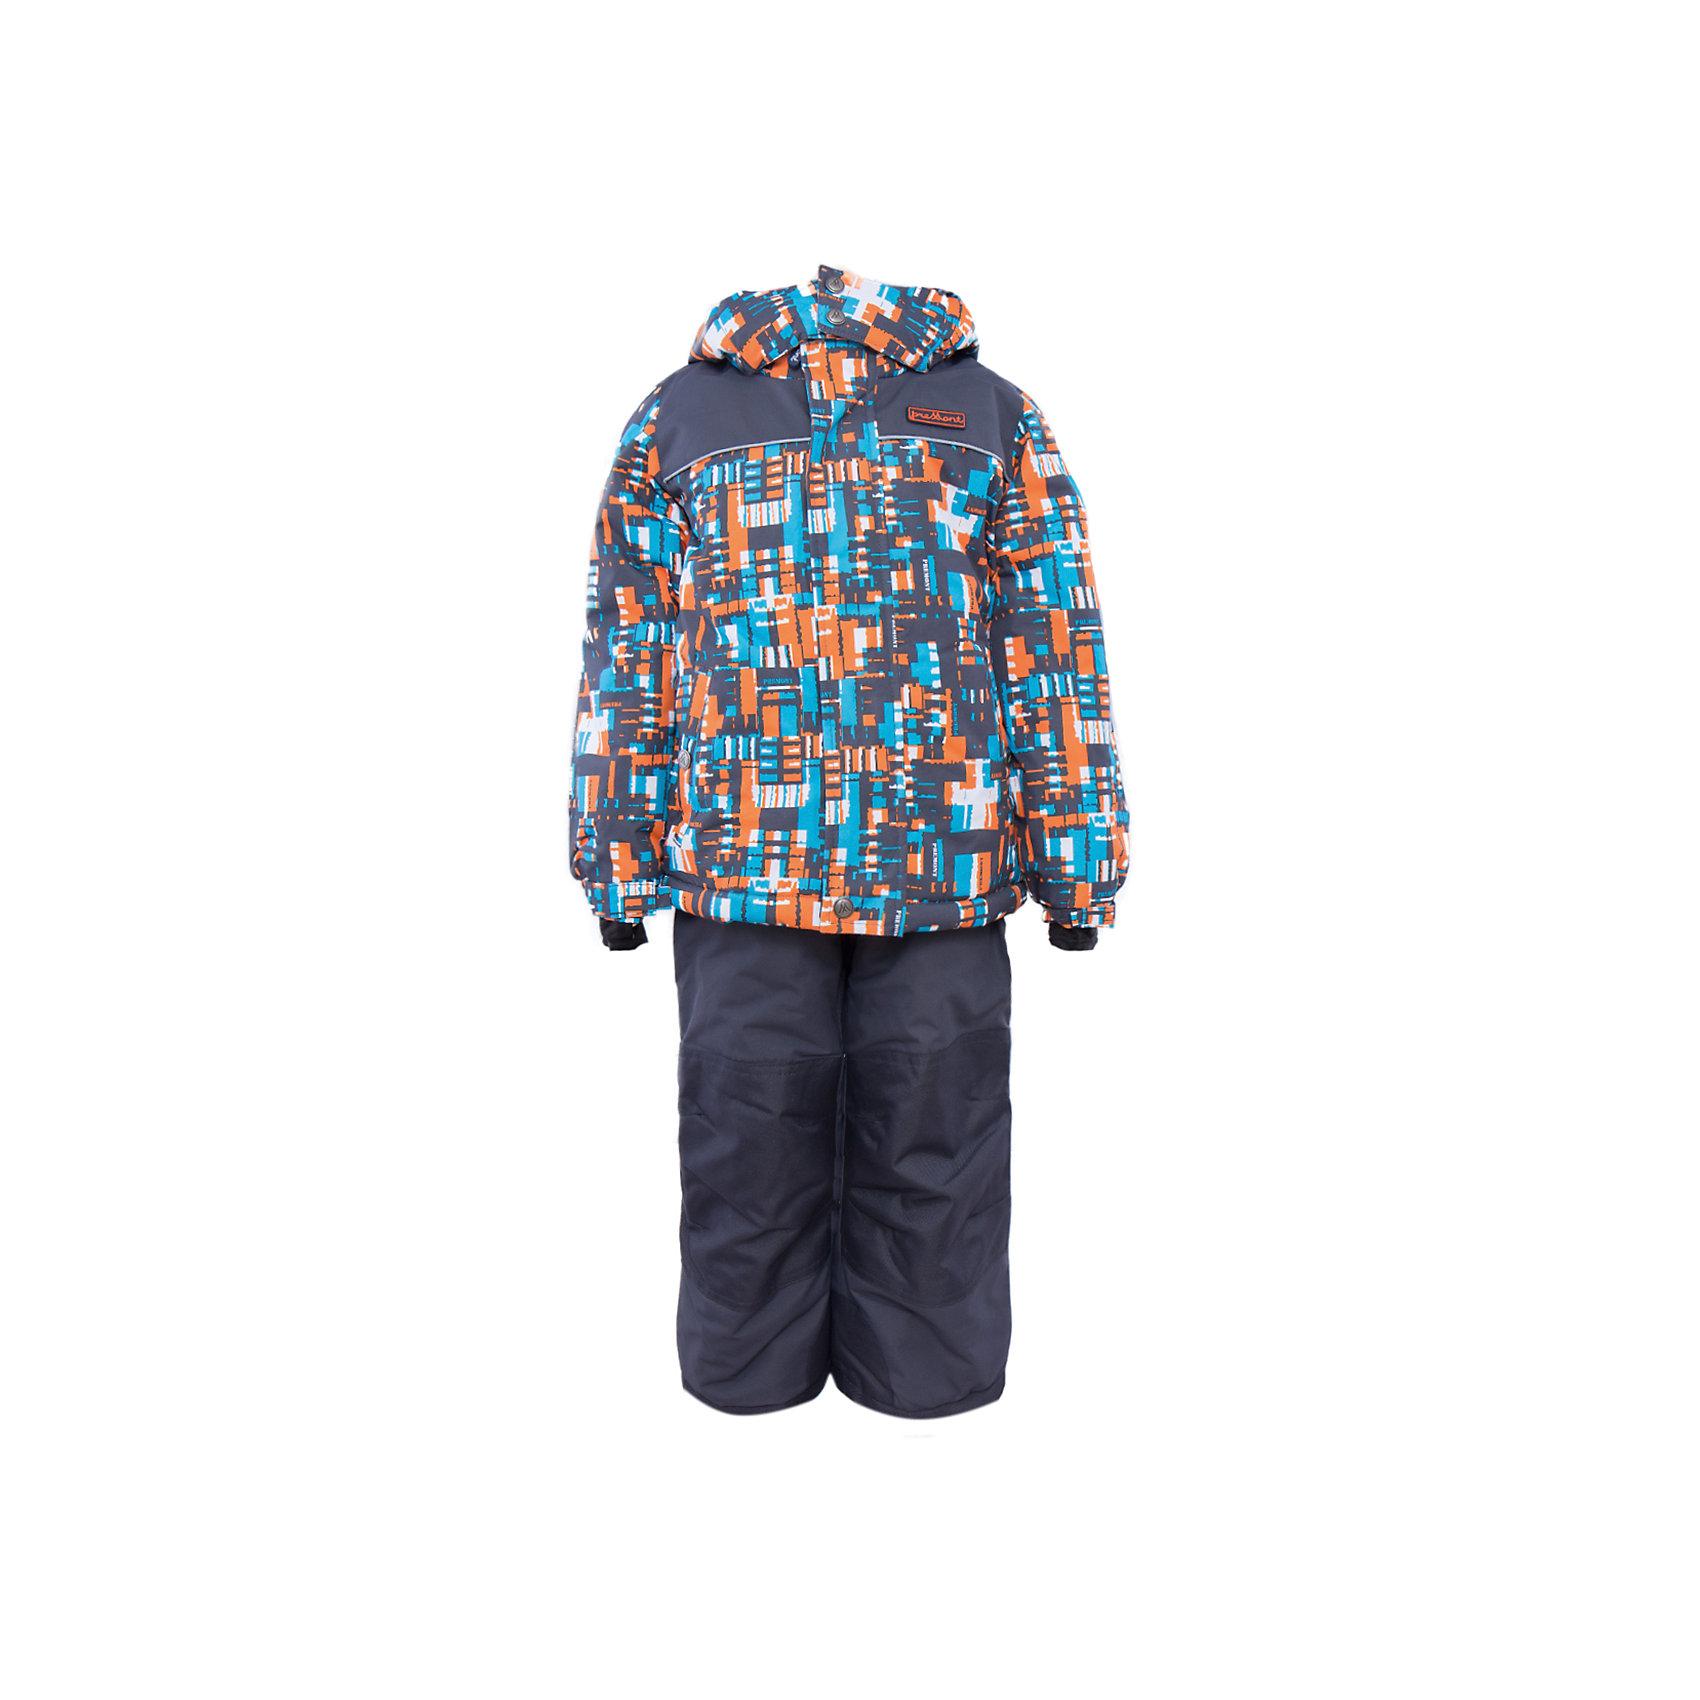 Комплект: куртка и брюки для мальчика PremontВерхняя одежда<br>Комплект: куртка и брюки для мальчика от известного бренда Premont.<br>Лонглит – самый длинный лабиринт в мире, прогулка по его дорожкам – не только удовольствие, но и непростая головоломка, проверка сообразительности. Данный принт, непременно заставит ребенка включить свое воображение и фантазию.<br>Брюки до 6 лет идут с высокой грудкой, после 6 лет - с отстегивающейся спинкой.<br>Состав:<br>Ткань верха: мембрана 5000мм/5000г/м2/24h, Taslan<br>Подклад: Polarfleece (тело, капюшон, манжеты), Taffeta (брюки, рукава, снежная юбка) Утеплитель: Tech-polyfill (куртка 280г, брюки 180г)<br><br>Ширина мм: 356<br>Глубина мм: 10<br>Высота мм: 245<br>Вес г: 519<br>Цвет: серый<br>Возраст от месяцев: 24<br>Возраст до месяцев: 36<br>Пол: Мужской<br>Возраст: Детский<br>Размер: 98,92,164,152,140,128,122,120,116,110,104,100<br>SKU: 4996805